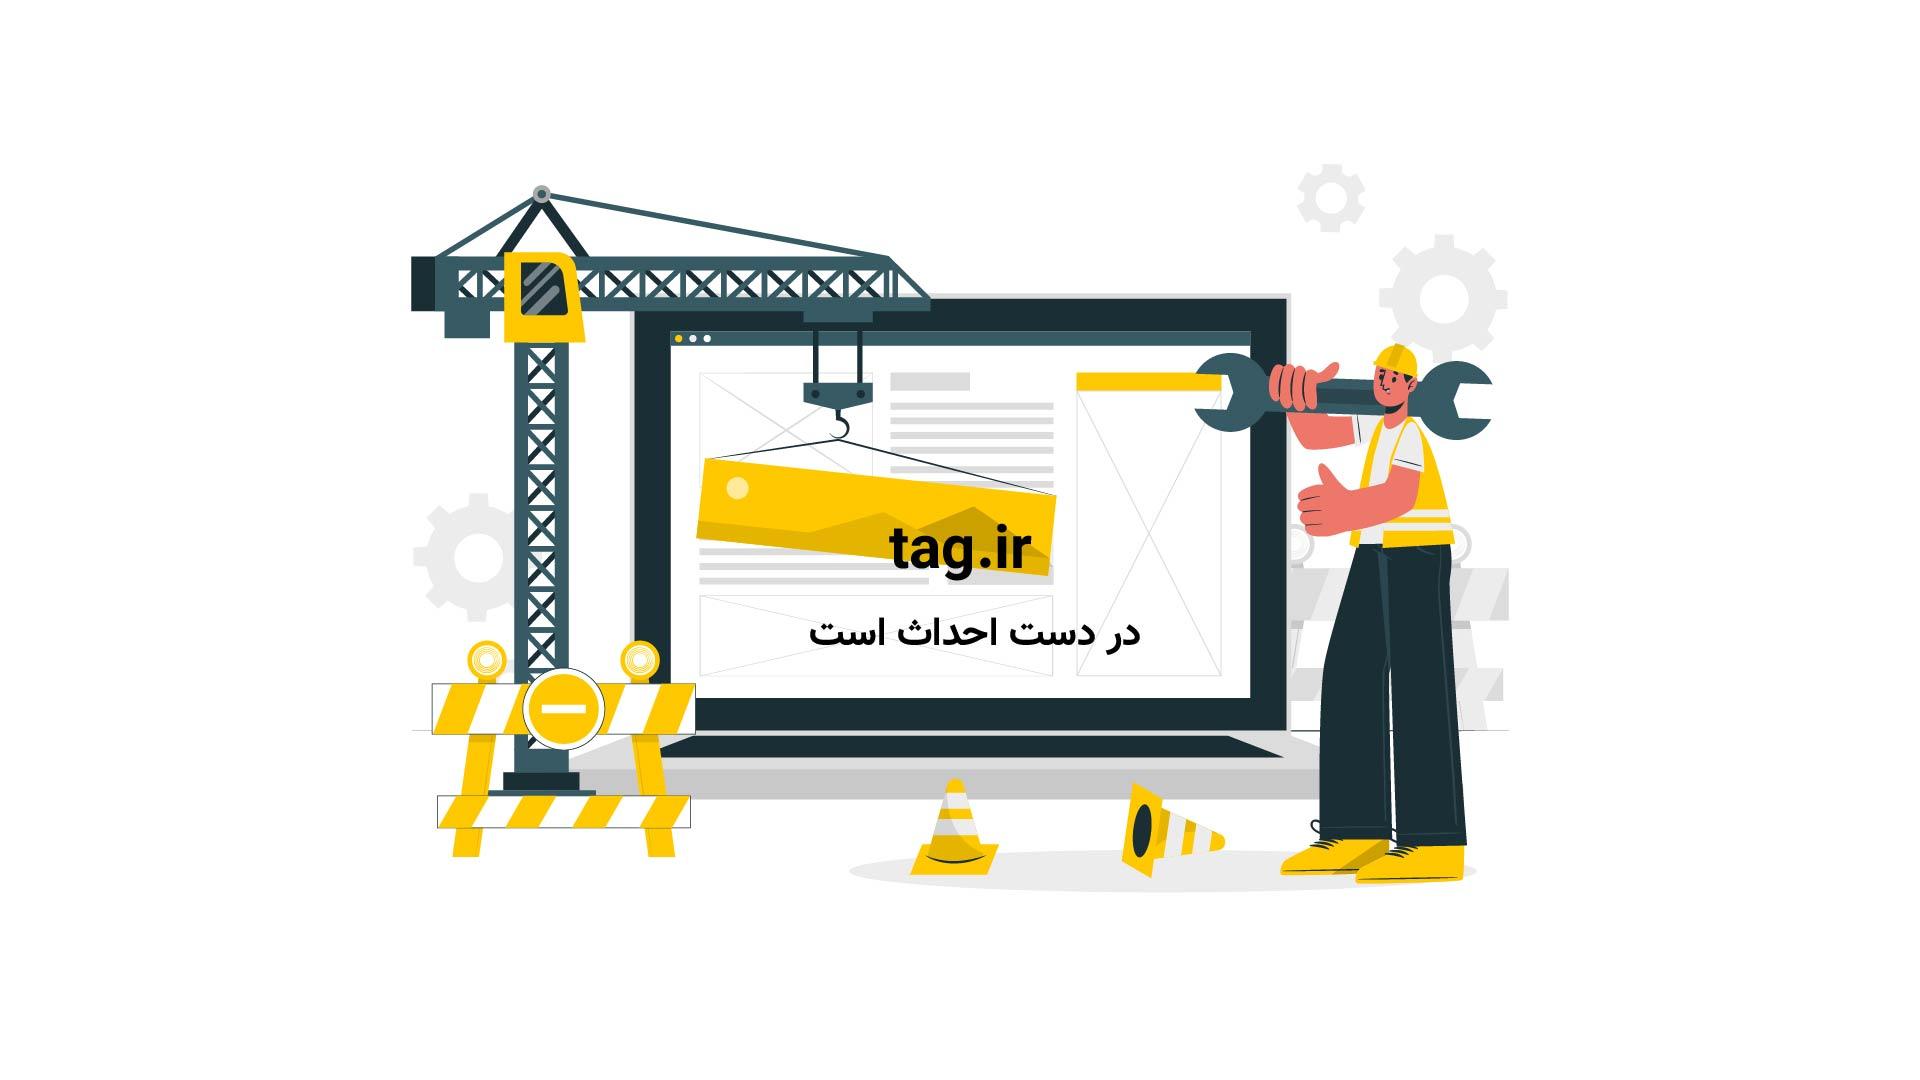 تصاویر تکمیلی از حمله به باشگاه رینا در استانبول | فیلم